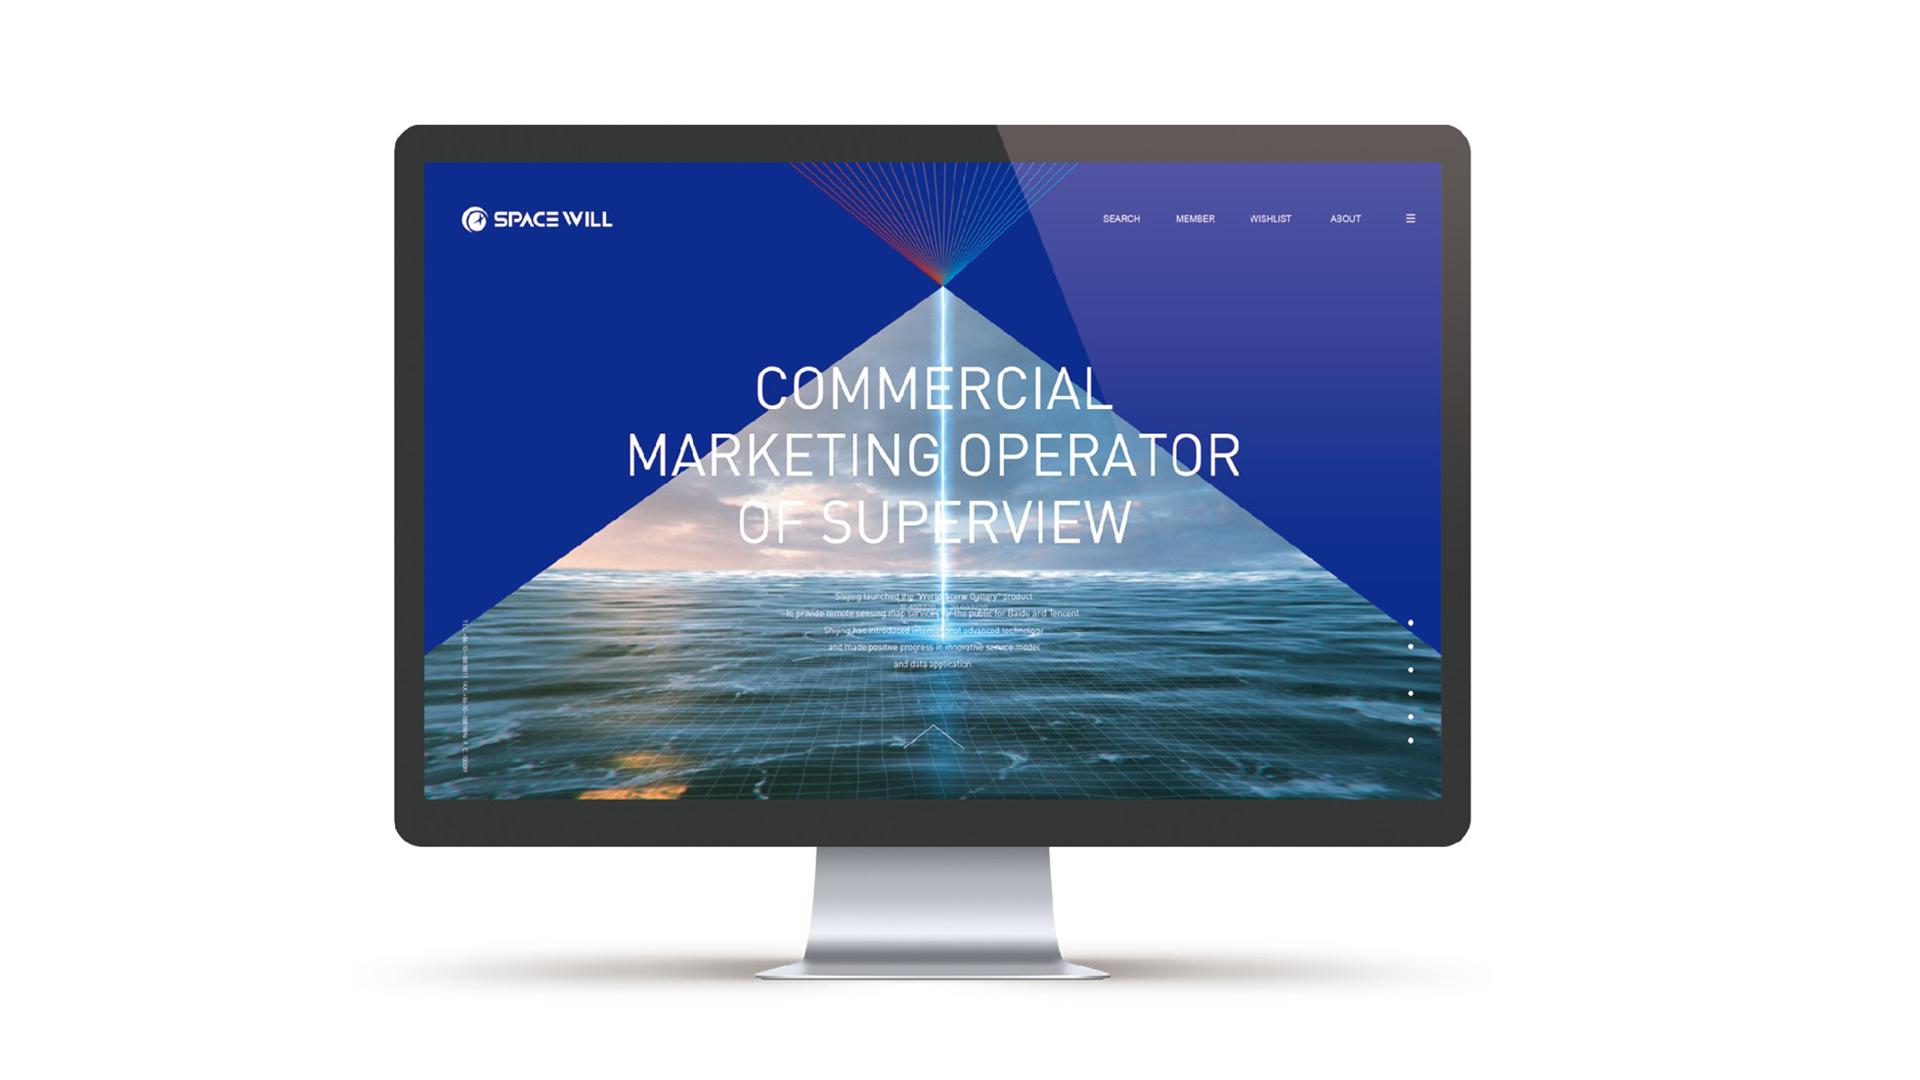 航天世景VI应用:网站界面设计